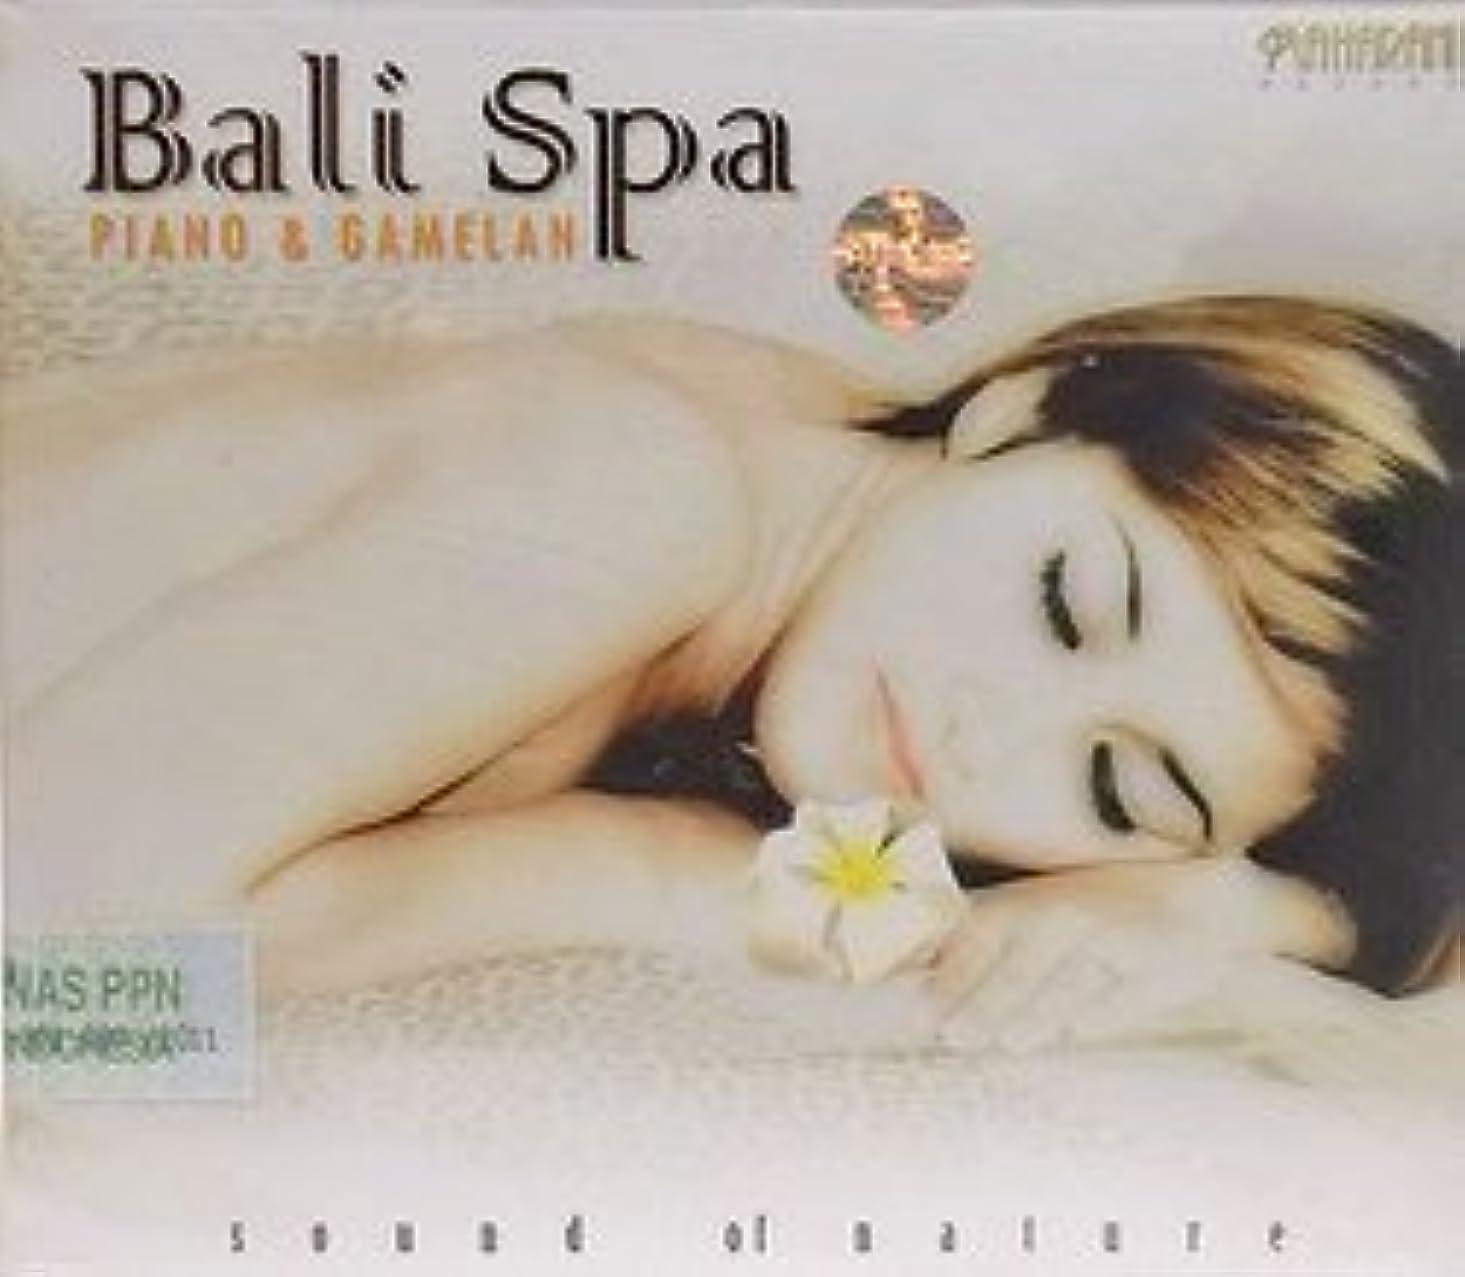 コンチネンタル骨髄有効癒しのバリミュージック 『Bali Spa PIANO&GAMELAN』 バリ雑貨 癒し系CD ヒーリングミュージック